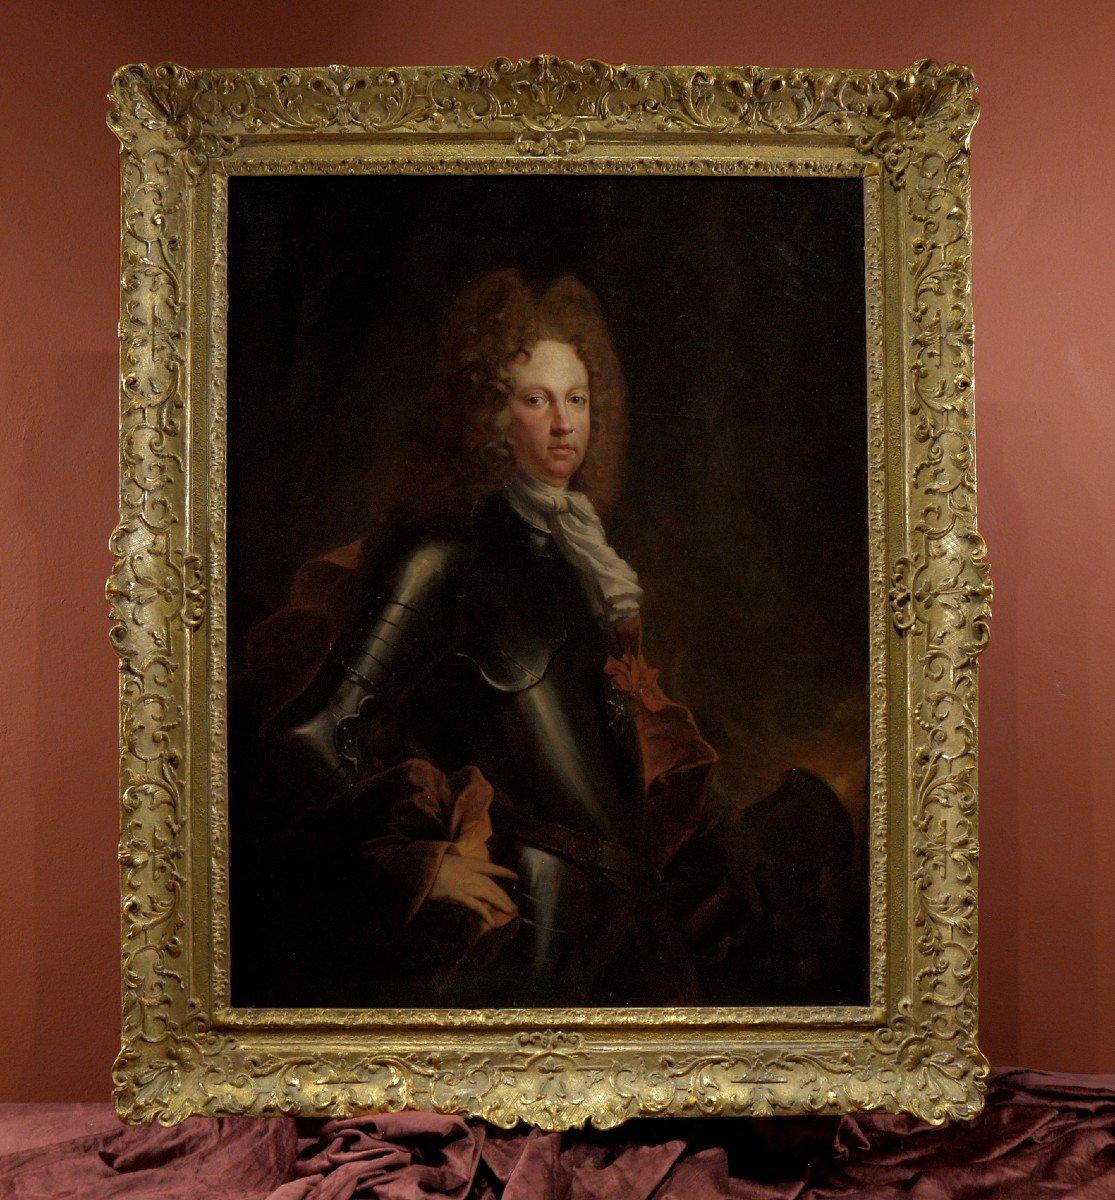 Début Du XVIIIe Siècle, Portrait d'Un Chevalier En Armure, François Jouvenet